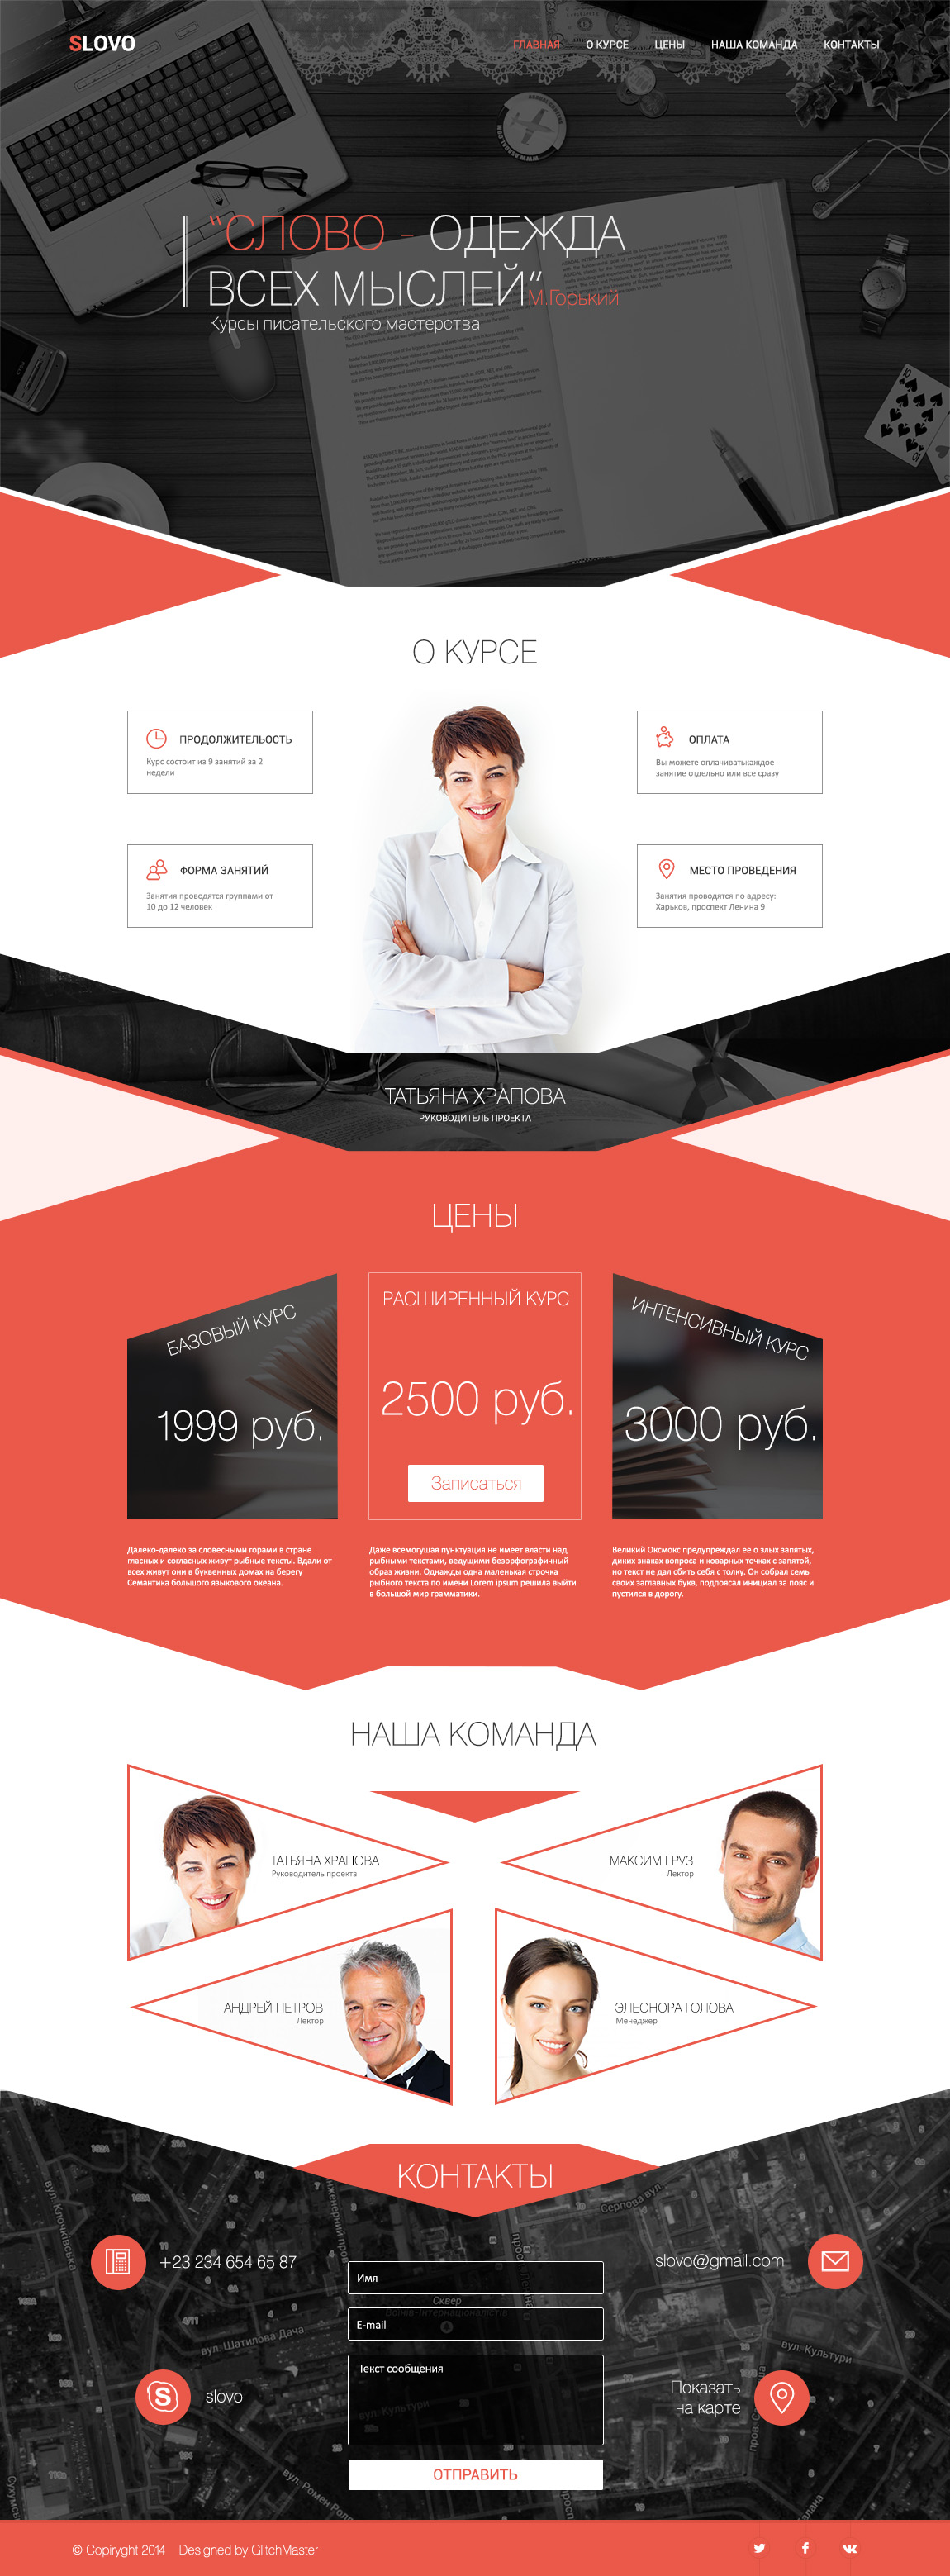 Дизайн сайтов онлайн